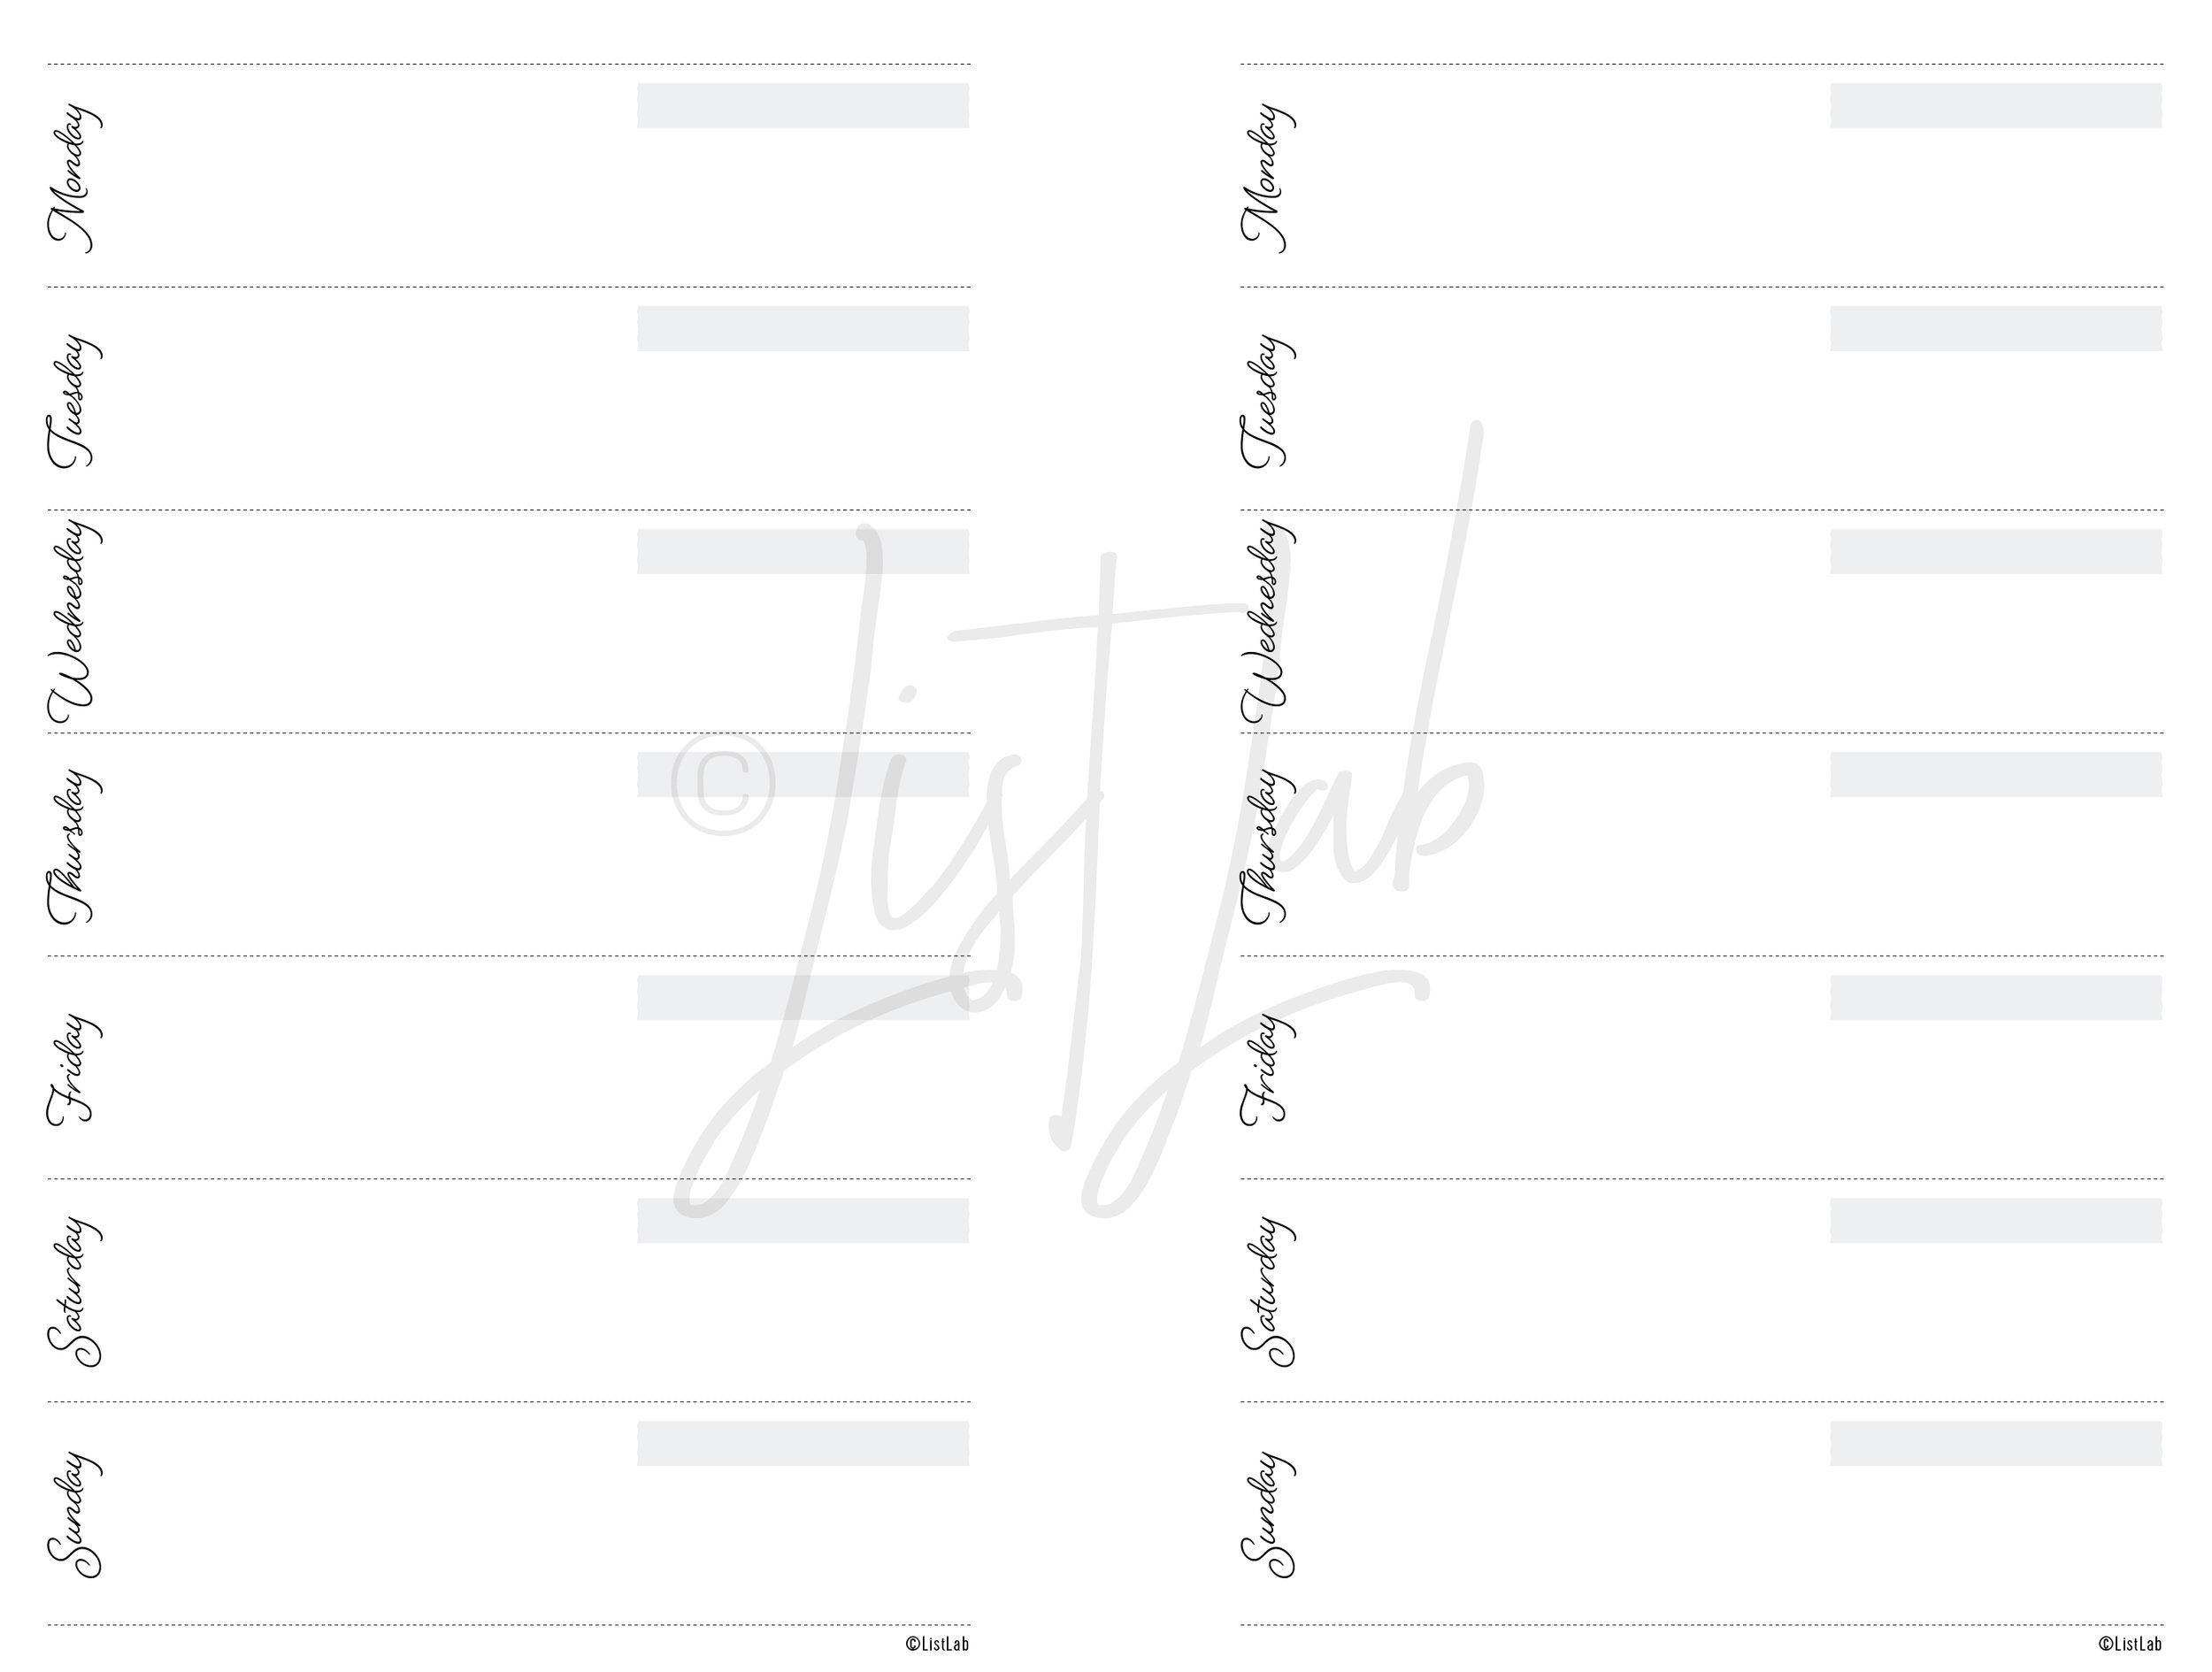 script_disc_mini_undated-06.jpg